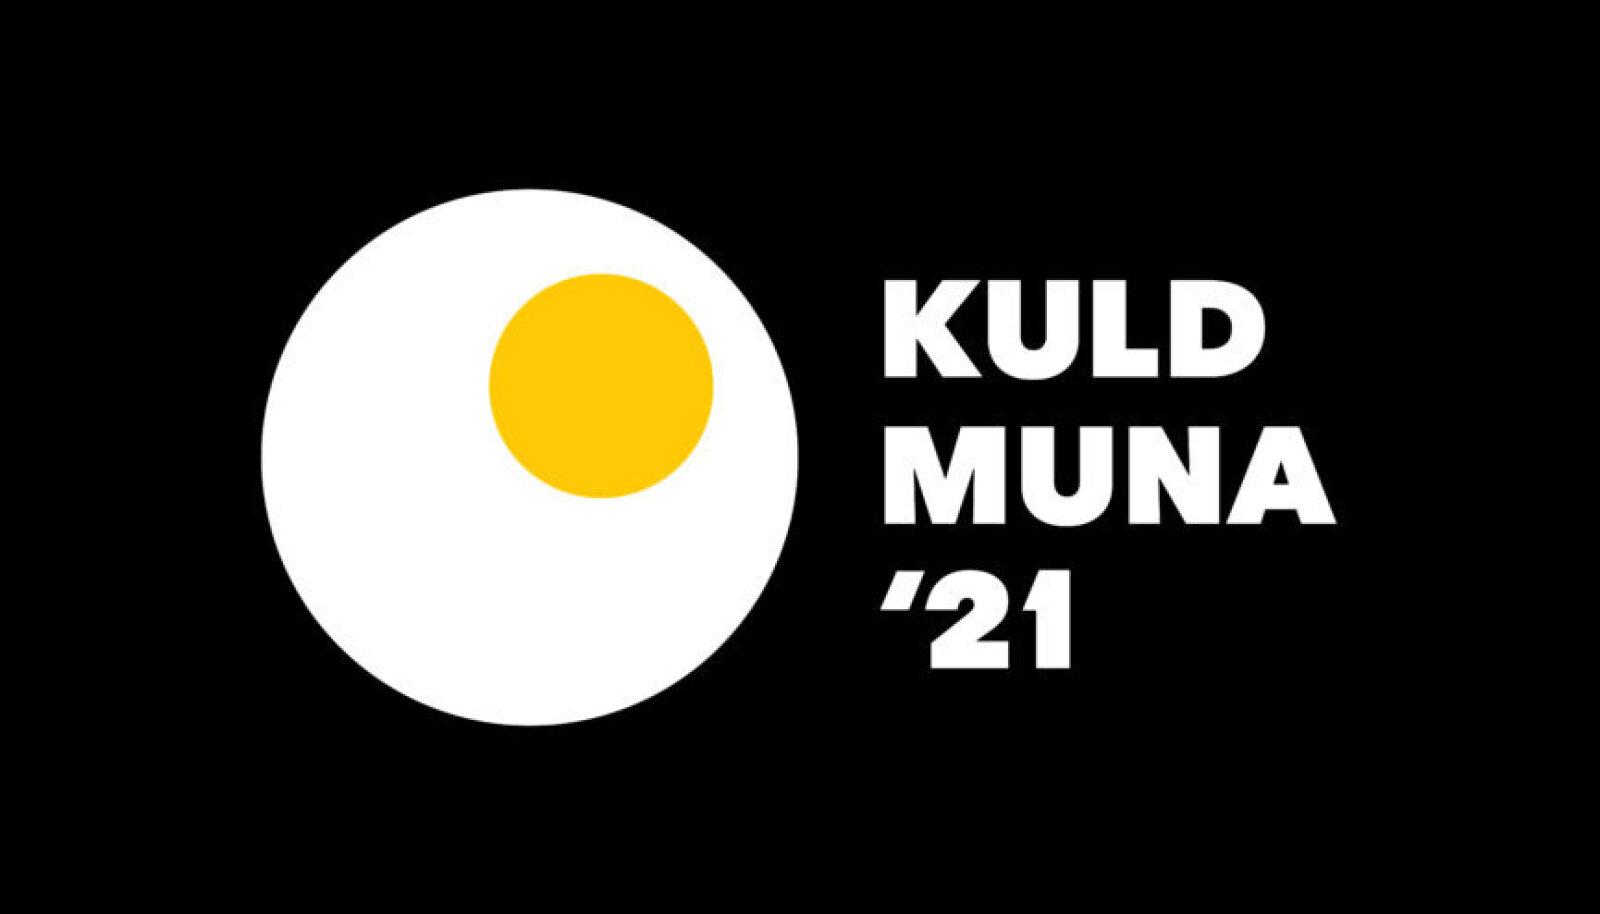 Kuldmuna '21